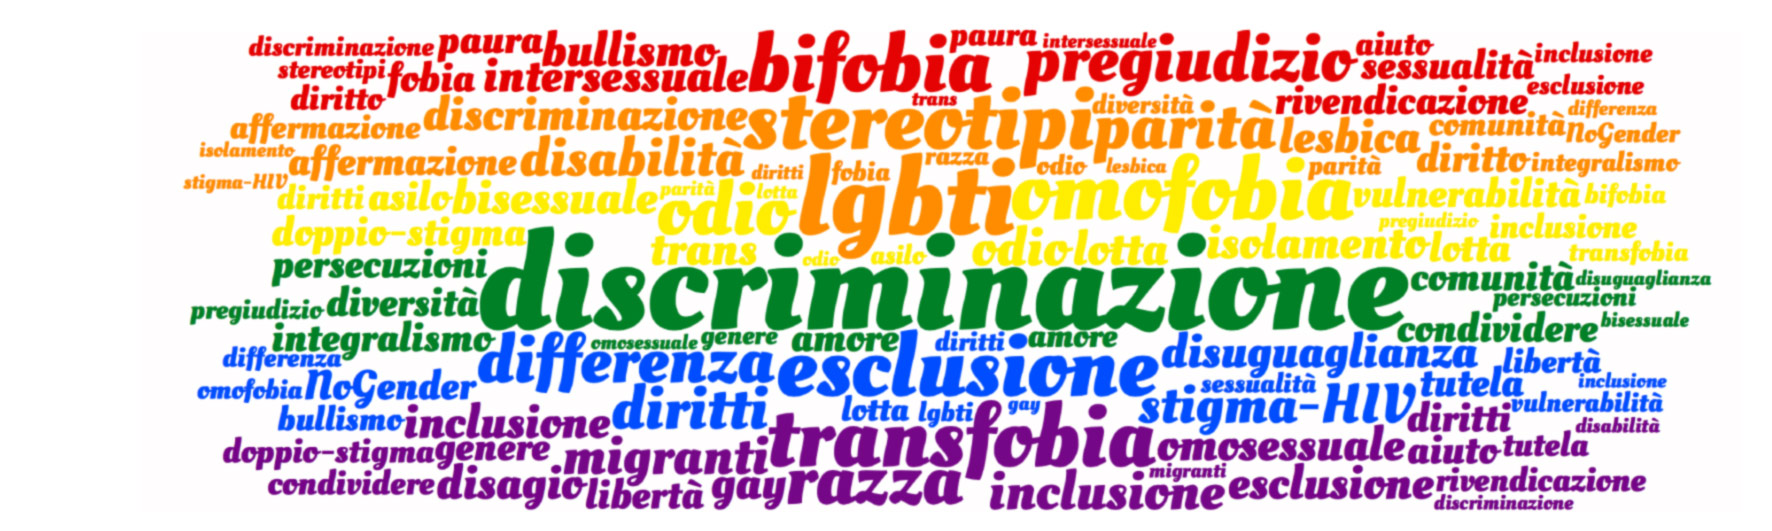 """Omotransfobia, l'Associazione di volontariato """"Marsica LGBT ODV - ETS"""" punta i riflettori sulla situazione marsicana"""